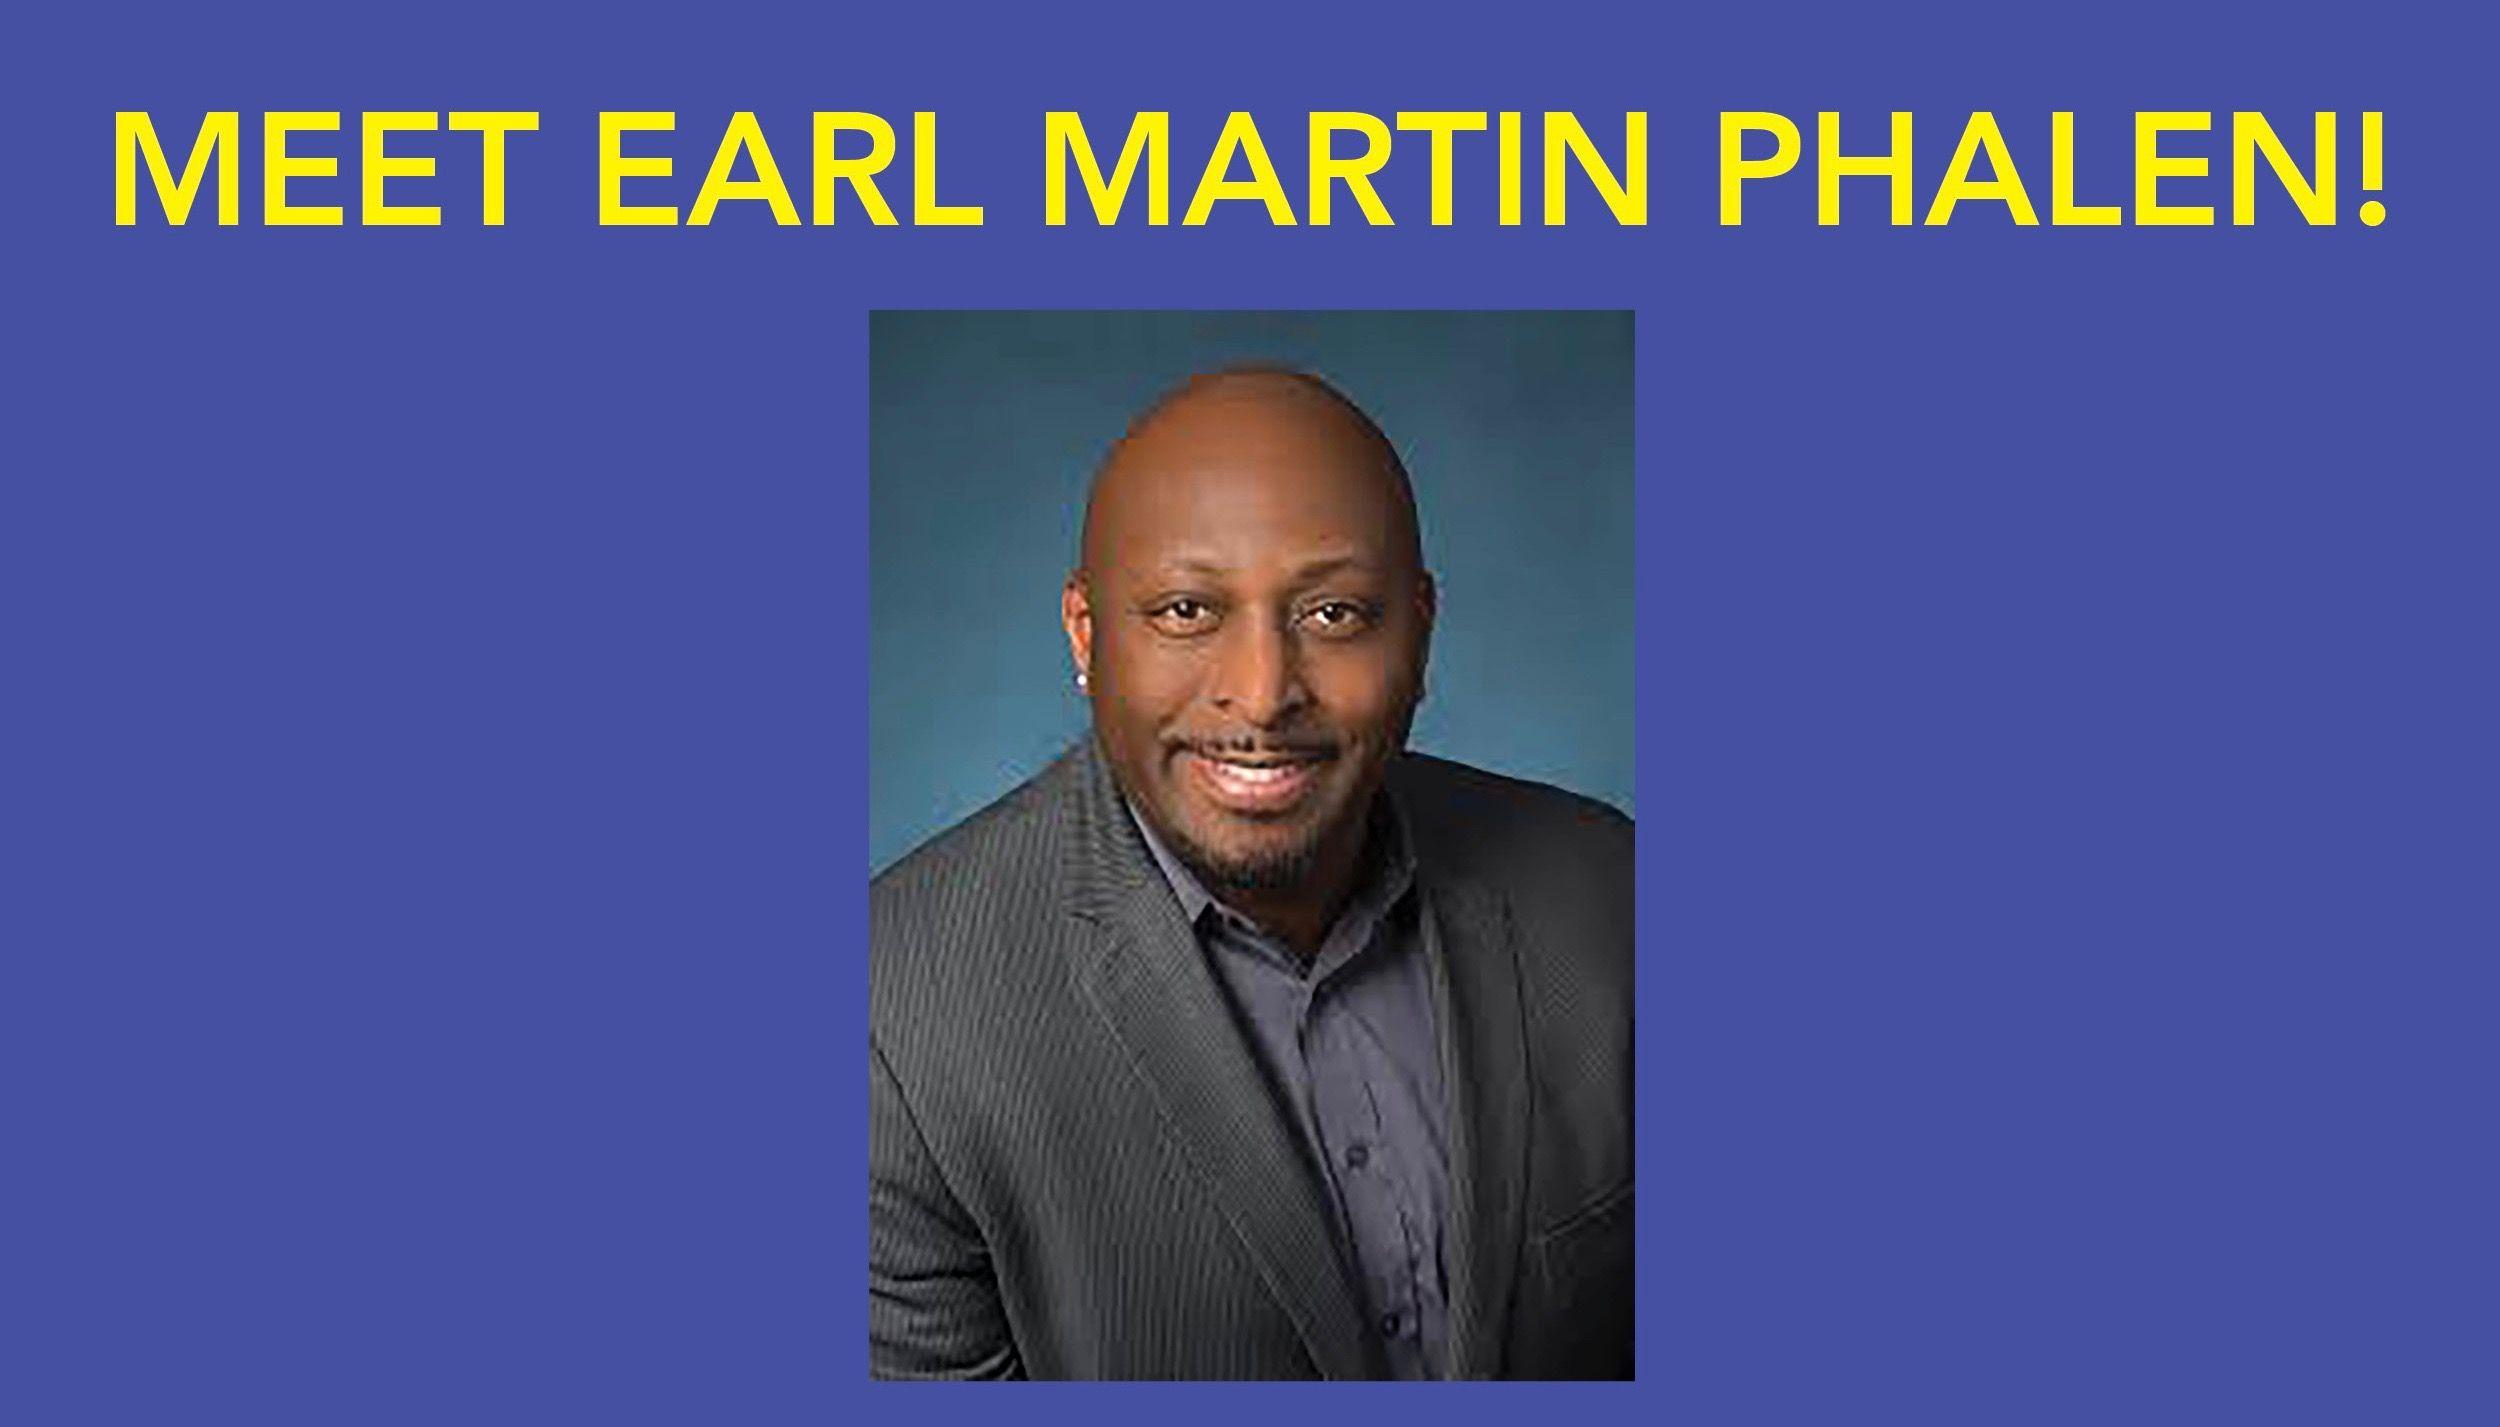 Meet Earl Martin Phalen